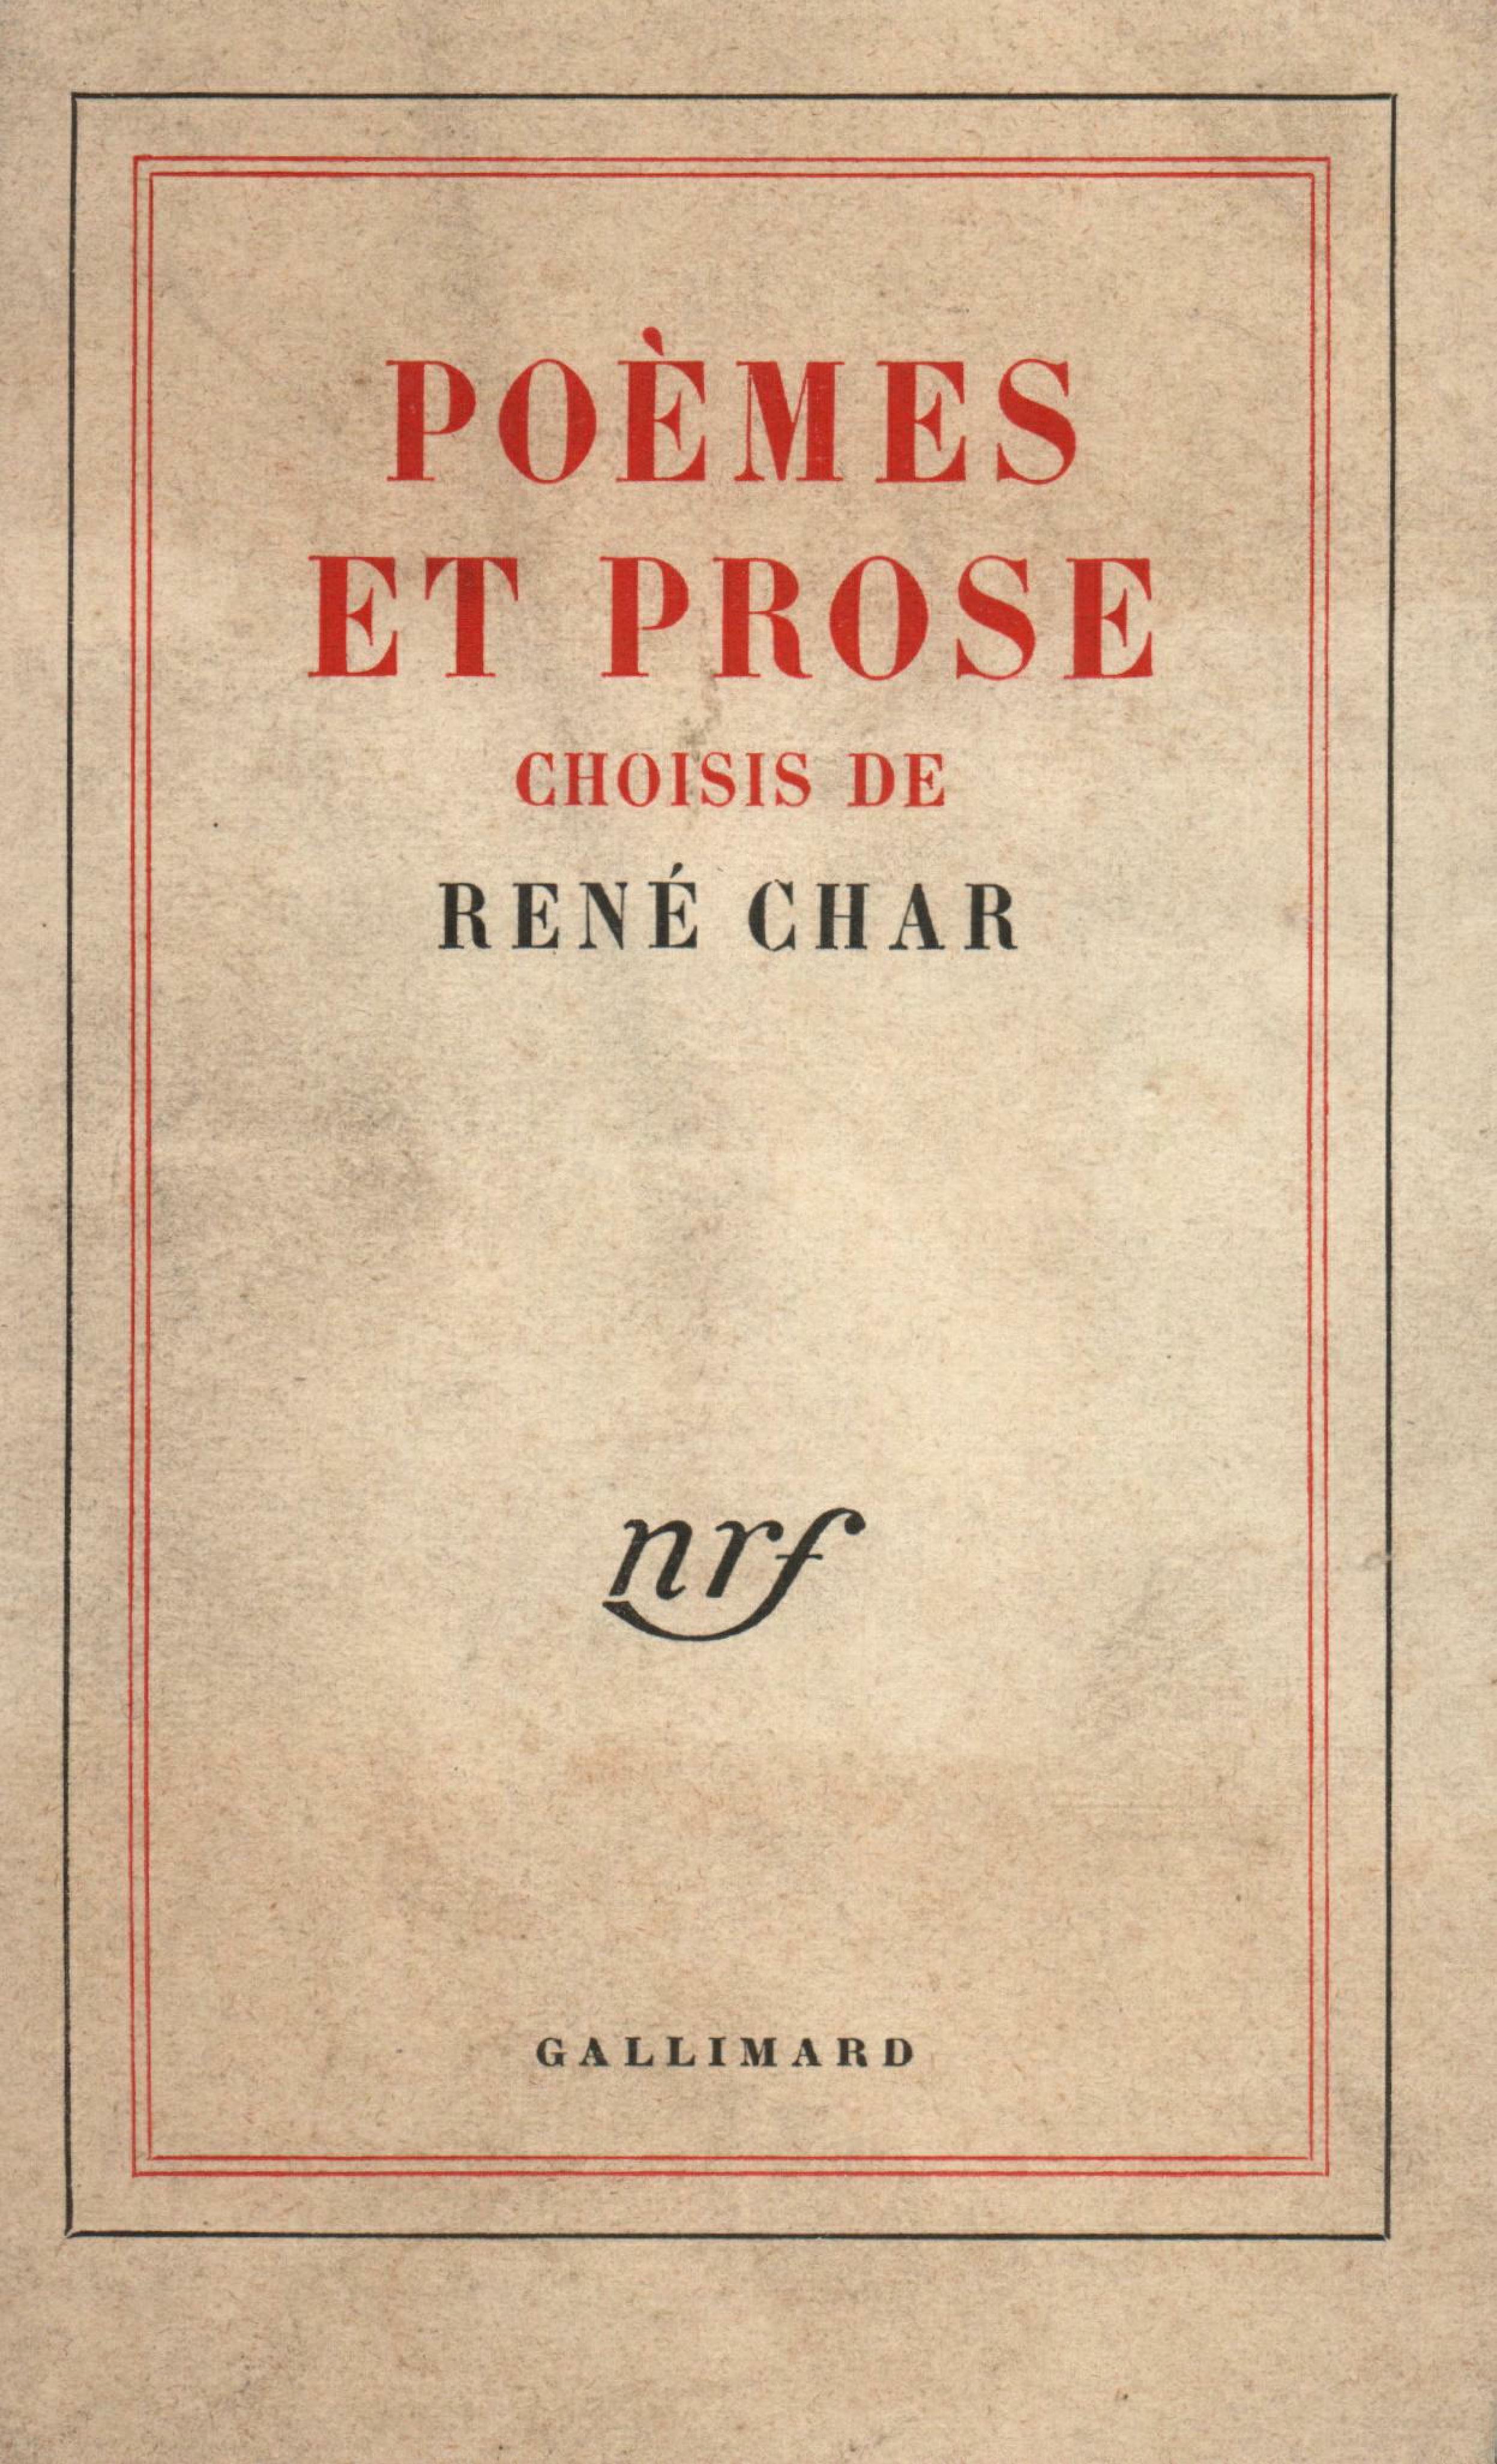 Poèmes et prose choisis